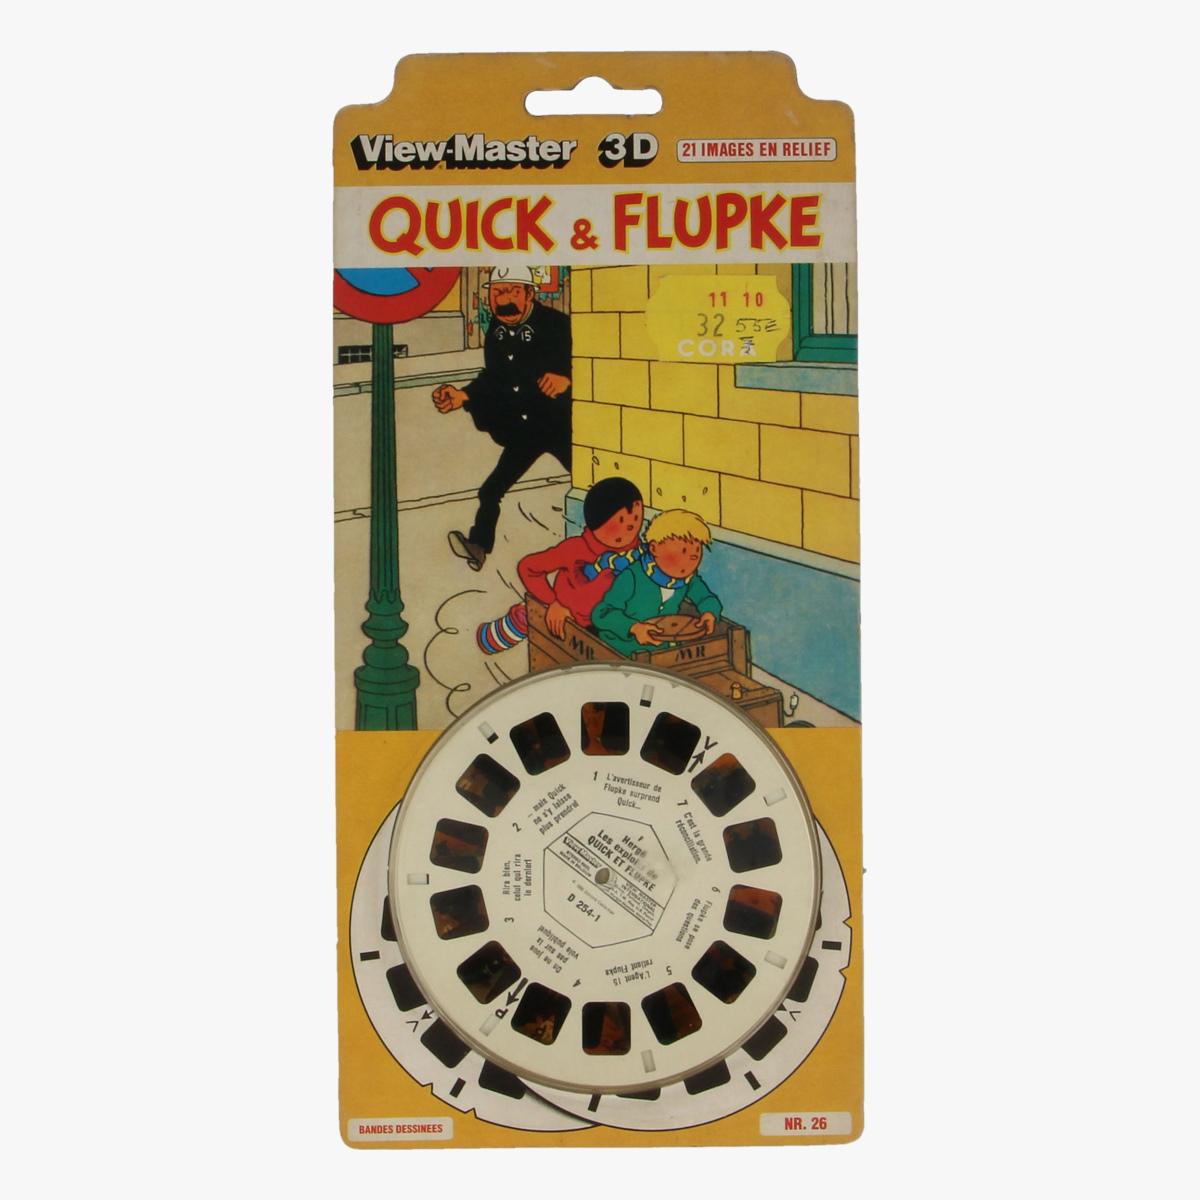 Afbeeldingen van View-master Quick & Flupke Bandes Dessinees nr 26